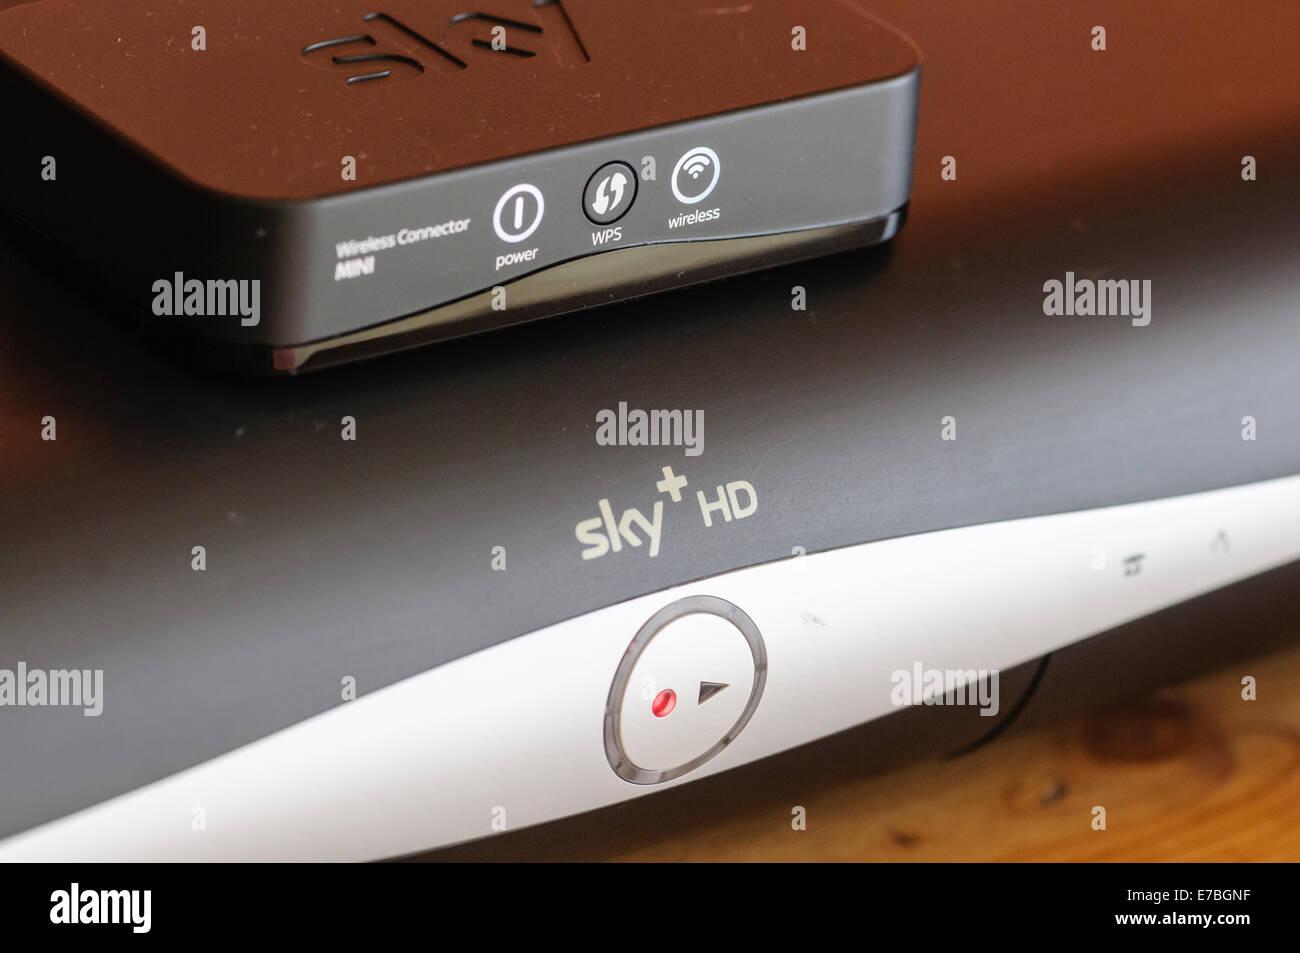 Sky+ HD caja con una red inalámbrica WIFI Adaptador de conector para permitir el acceso a internet Imagen De Stock